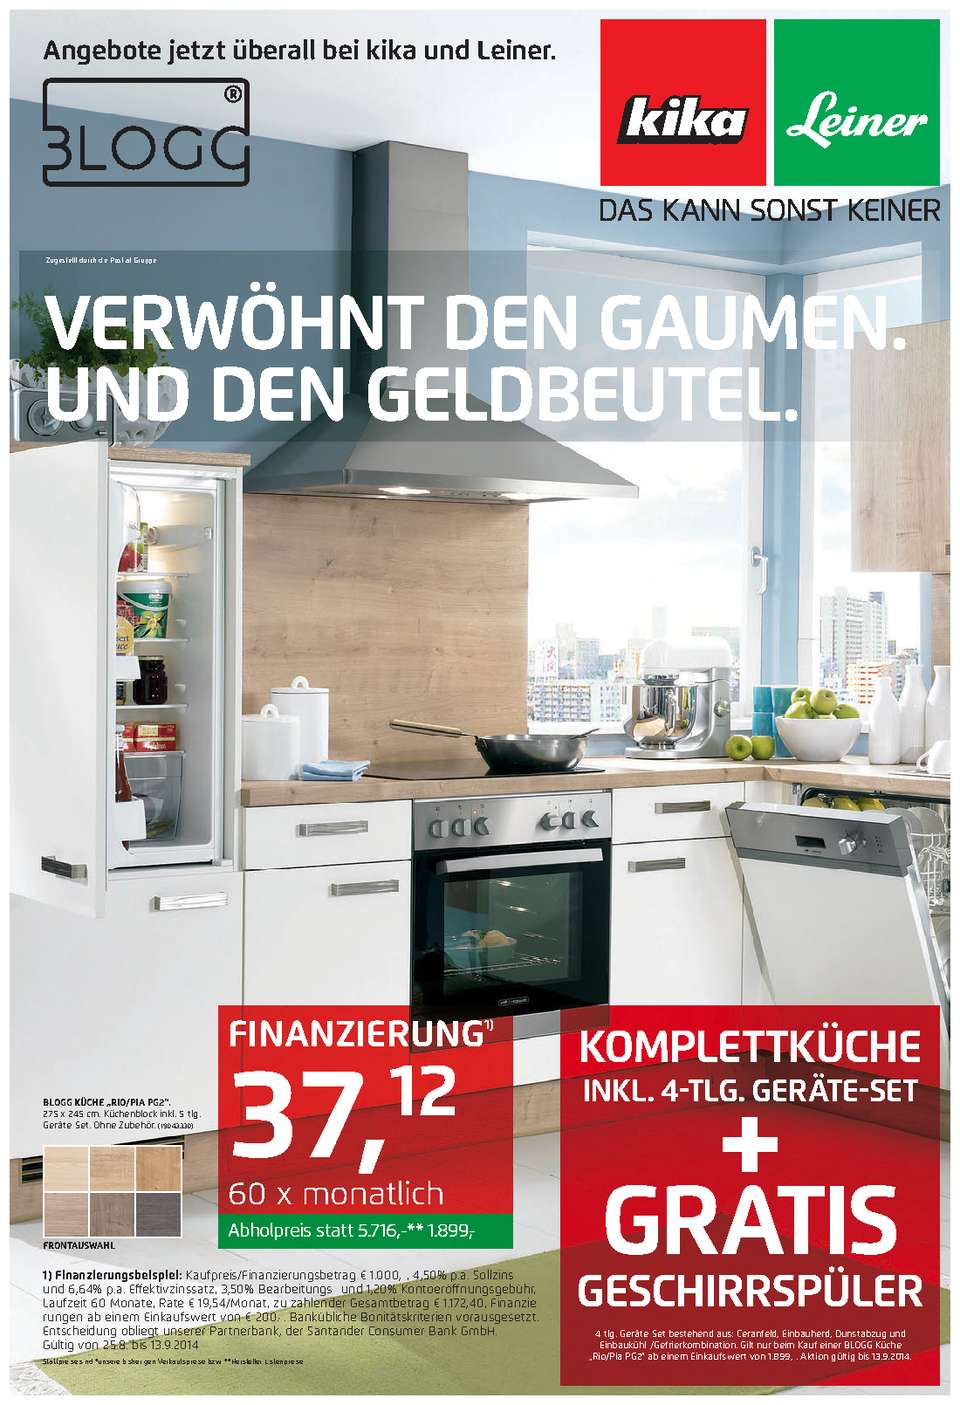 Roller Komplettküche Teppich Küchekomplettküche Mit Elektrogeräten Willhaben Komplettküche Komplettküche Kaufen